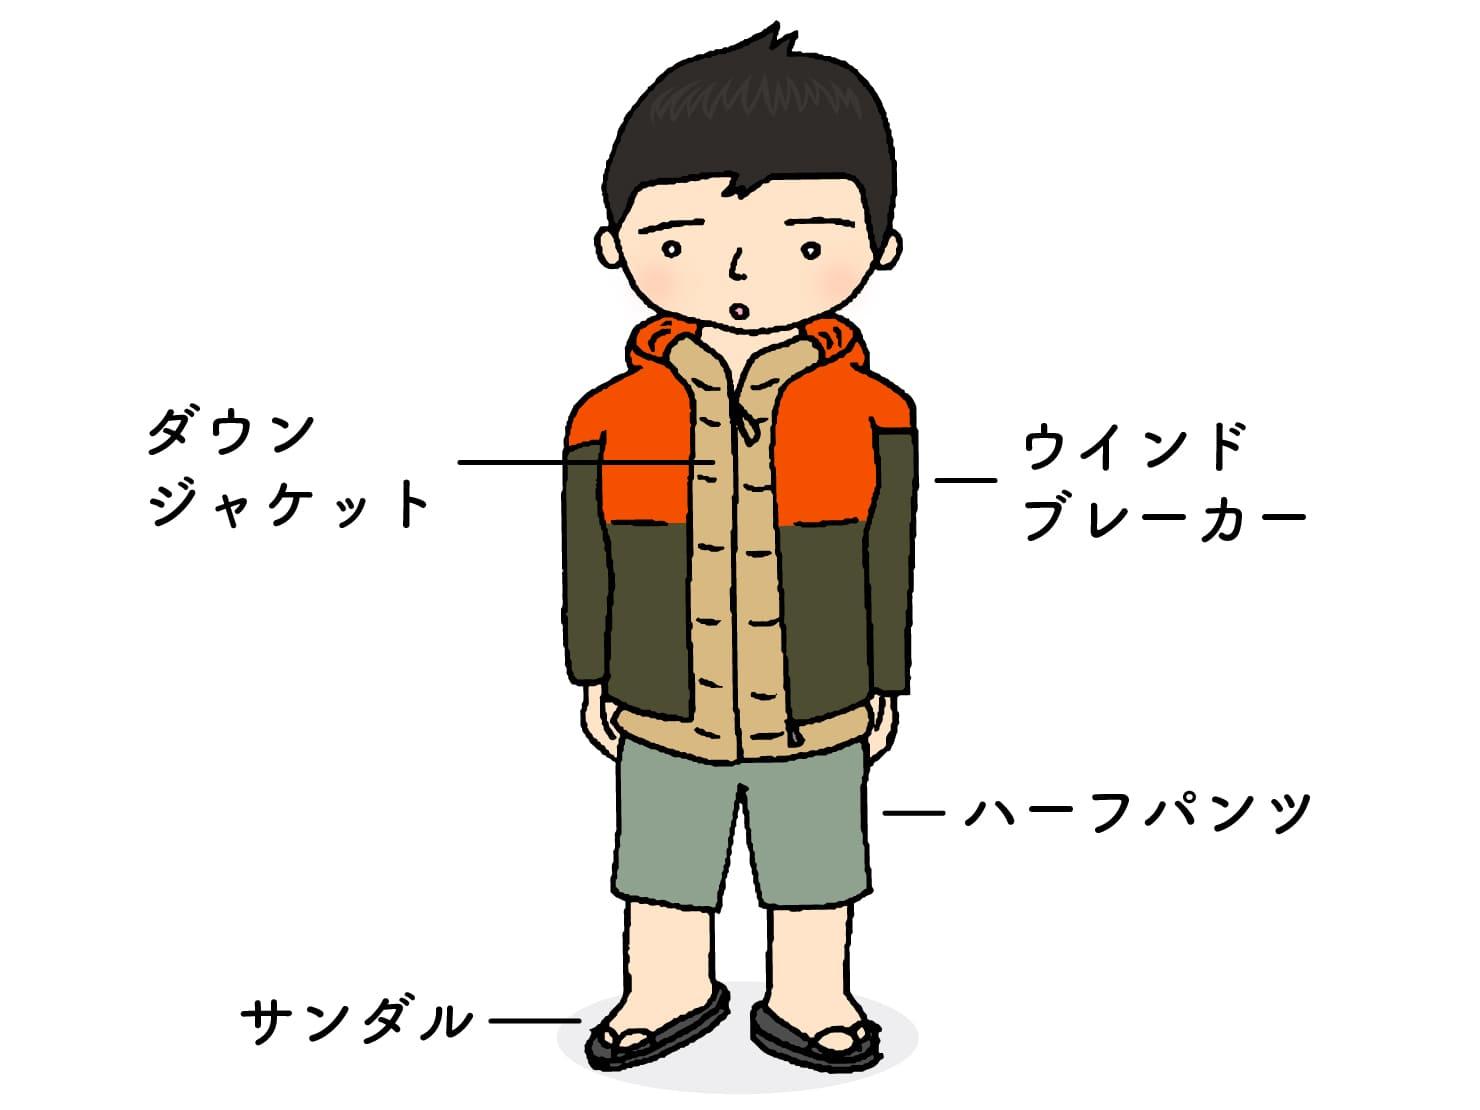 台湾男子お気に入りの冬コーデ「鉄壁防寒&短パン」